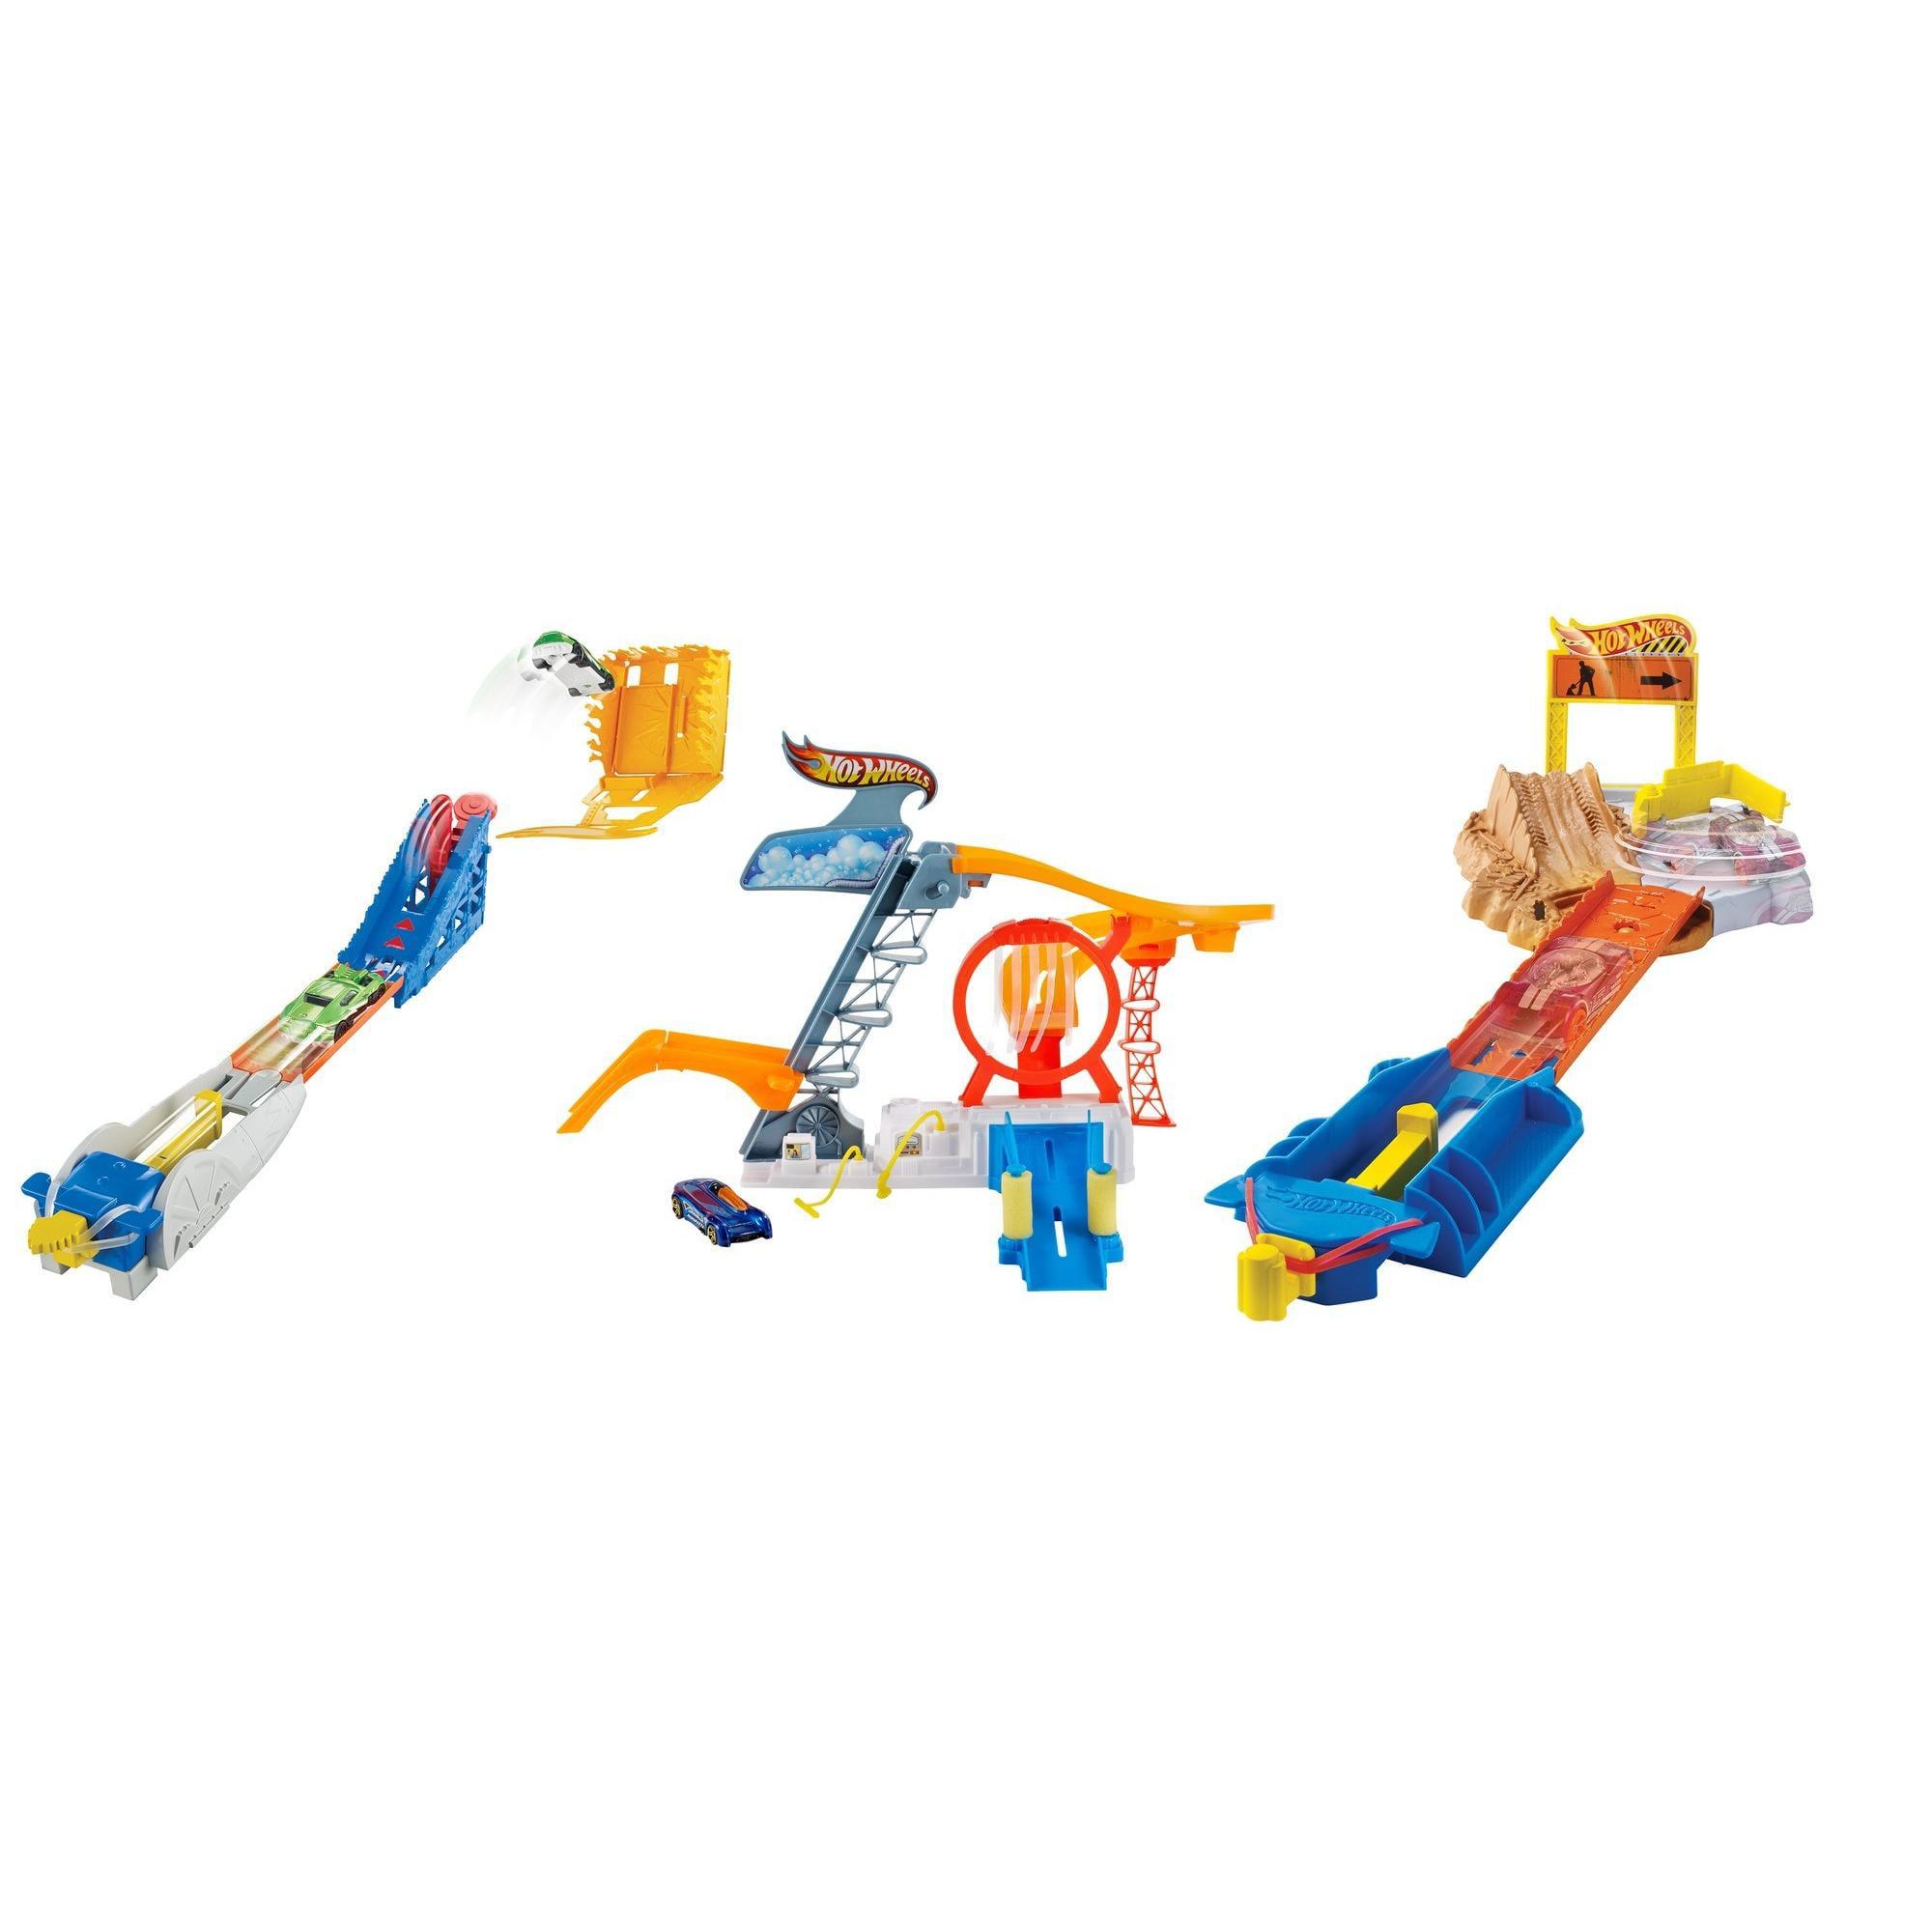 Hot Wheels Race Assortment by Mattel